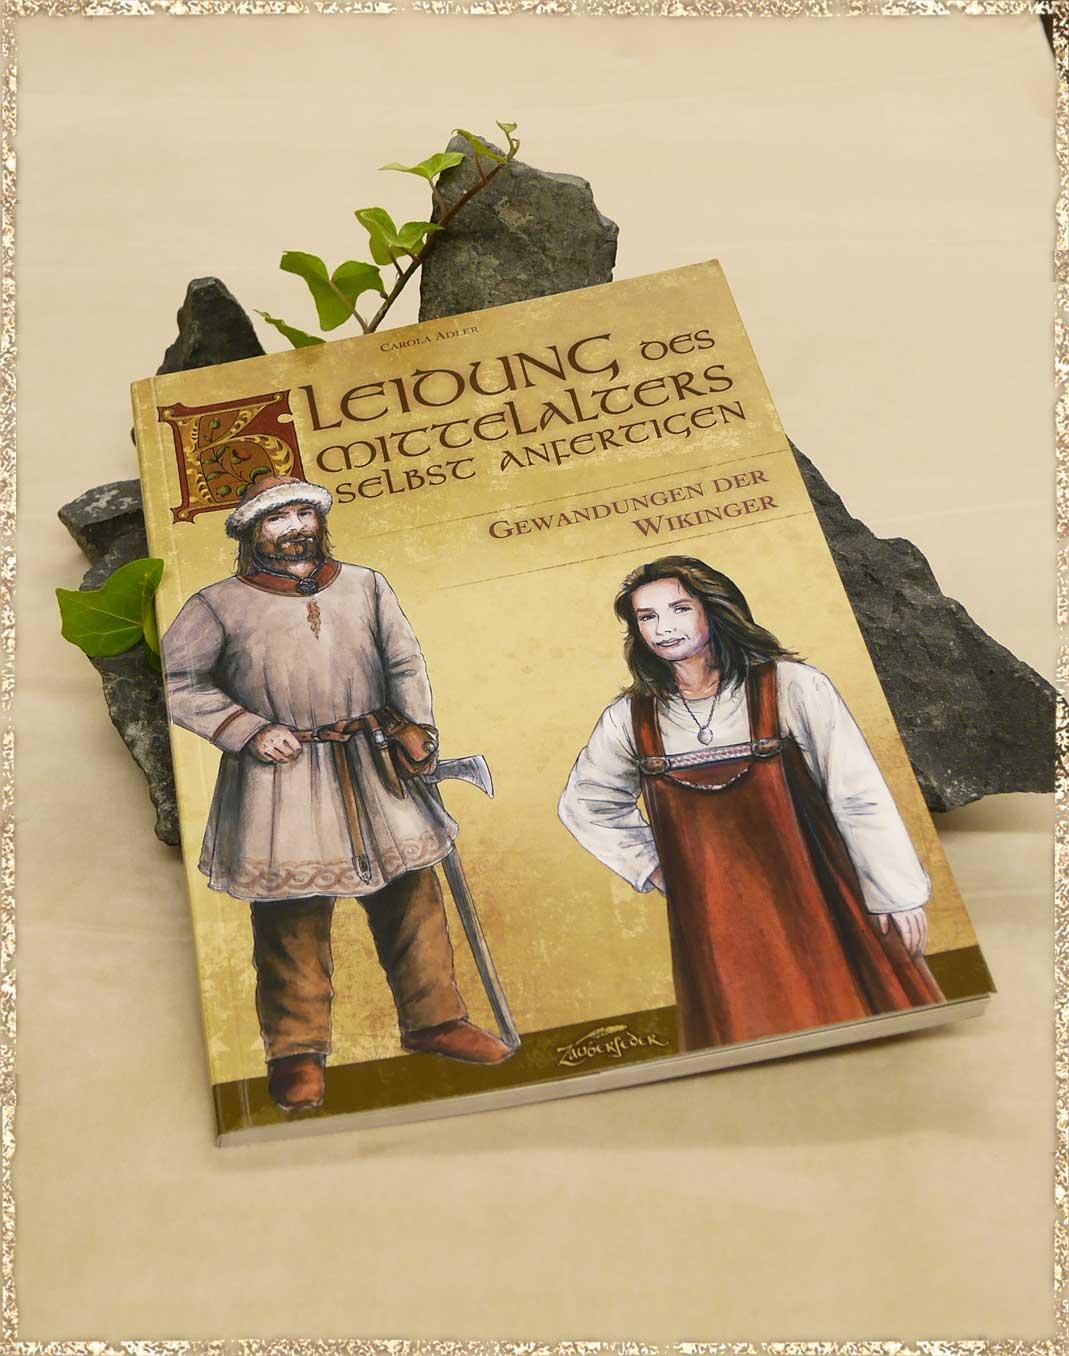 Mittelalterliche Kleidung selbst nähen - Gewandungen der Wikinger ...